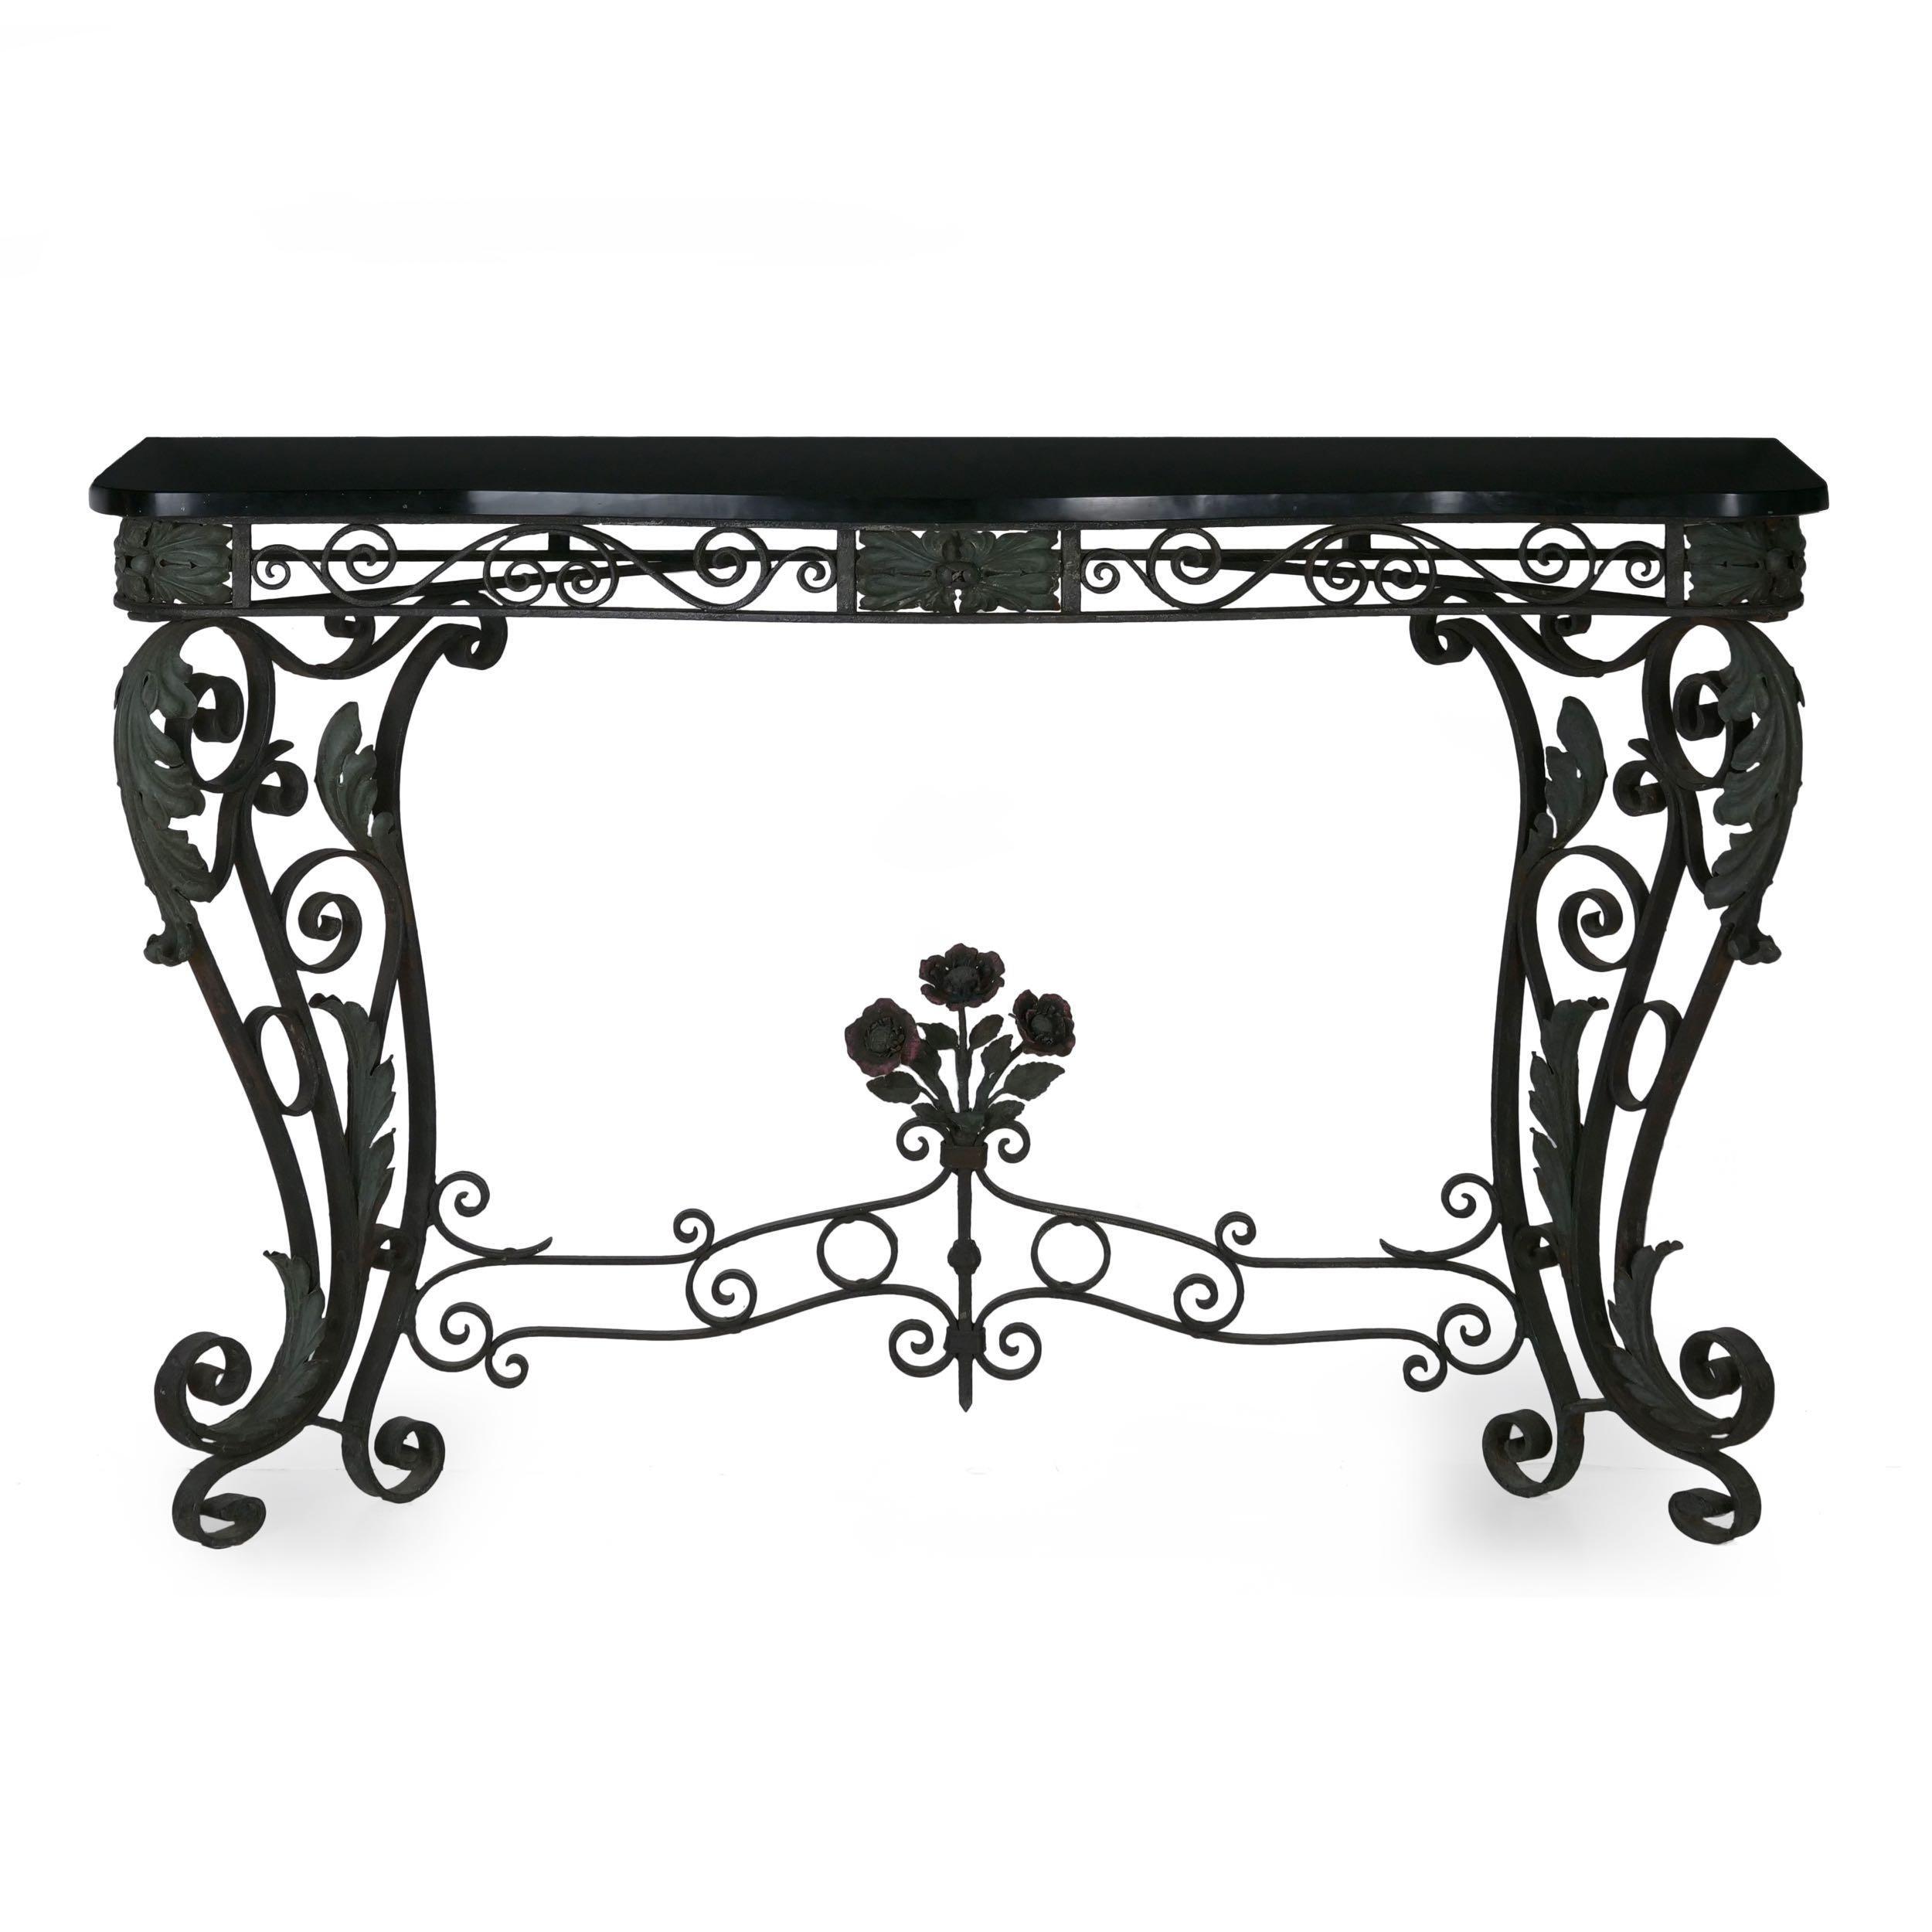 Magnificent Pair Of Art Nouveau Wrought Iron Antique Black Stone Console Tables Inzonedesignstudio Interior Chair Design Inzonedesignstudiocom